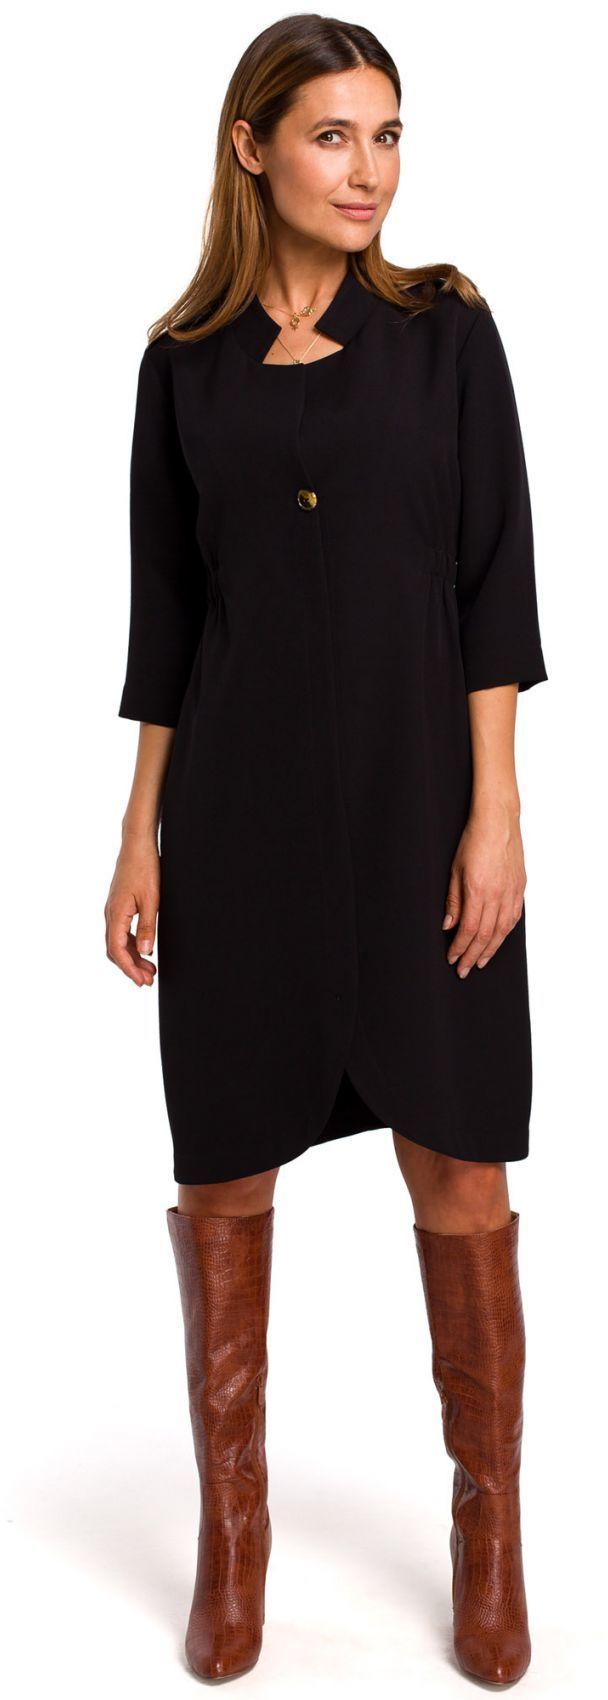 S189 Sukienka żakietowa z gumką w tyle - czarna